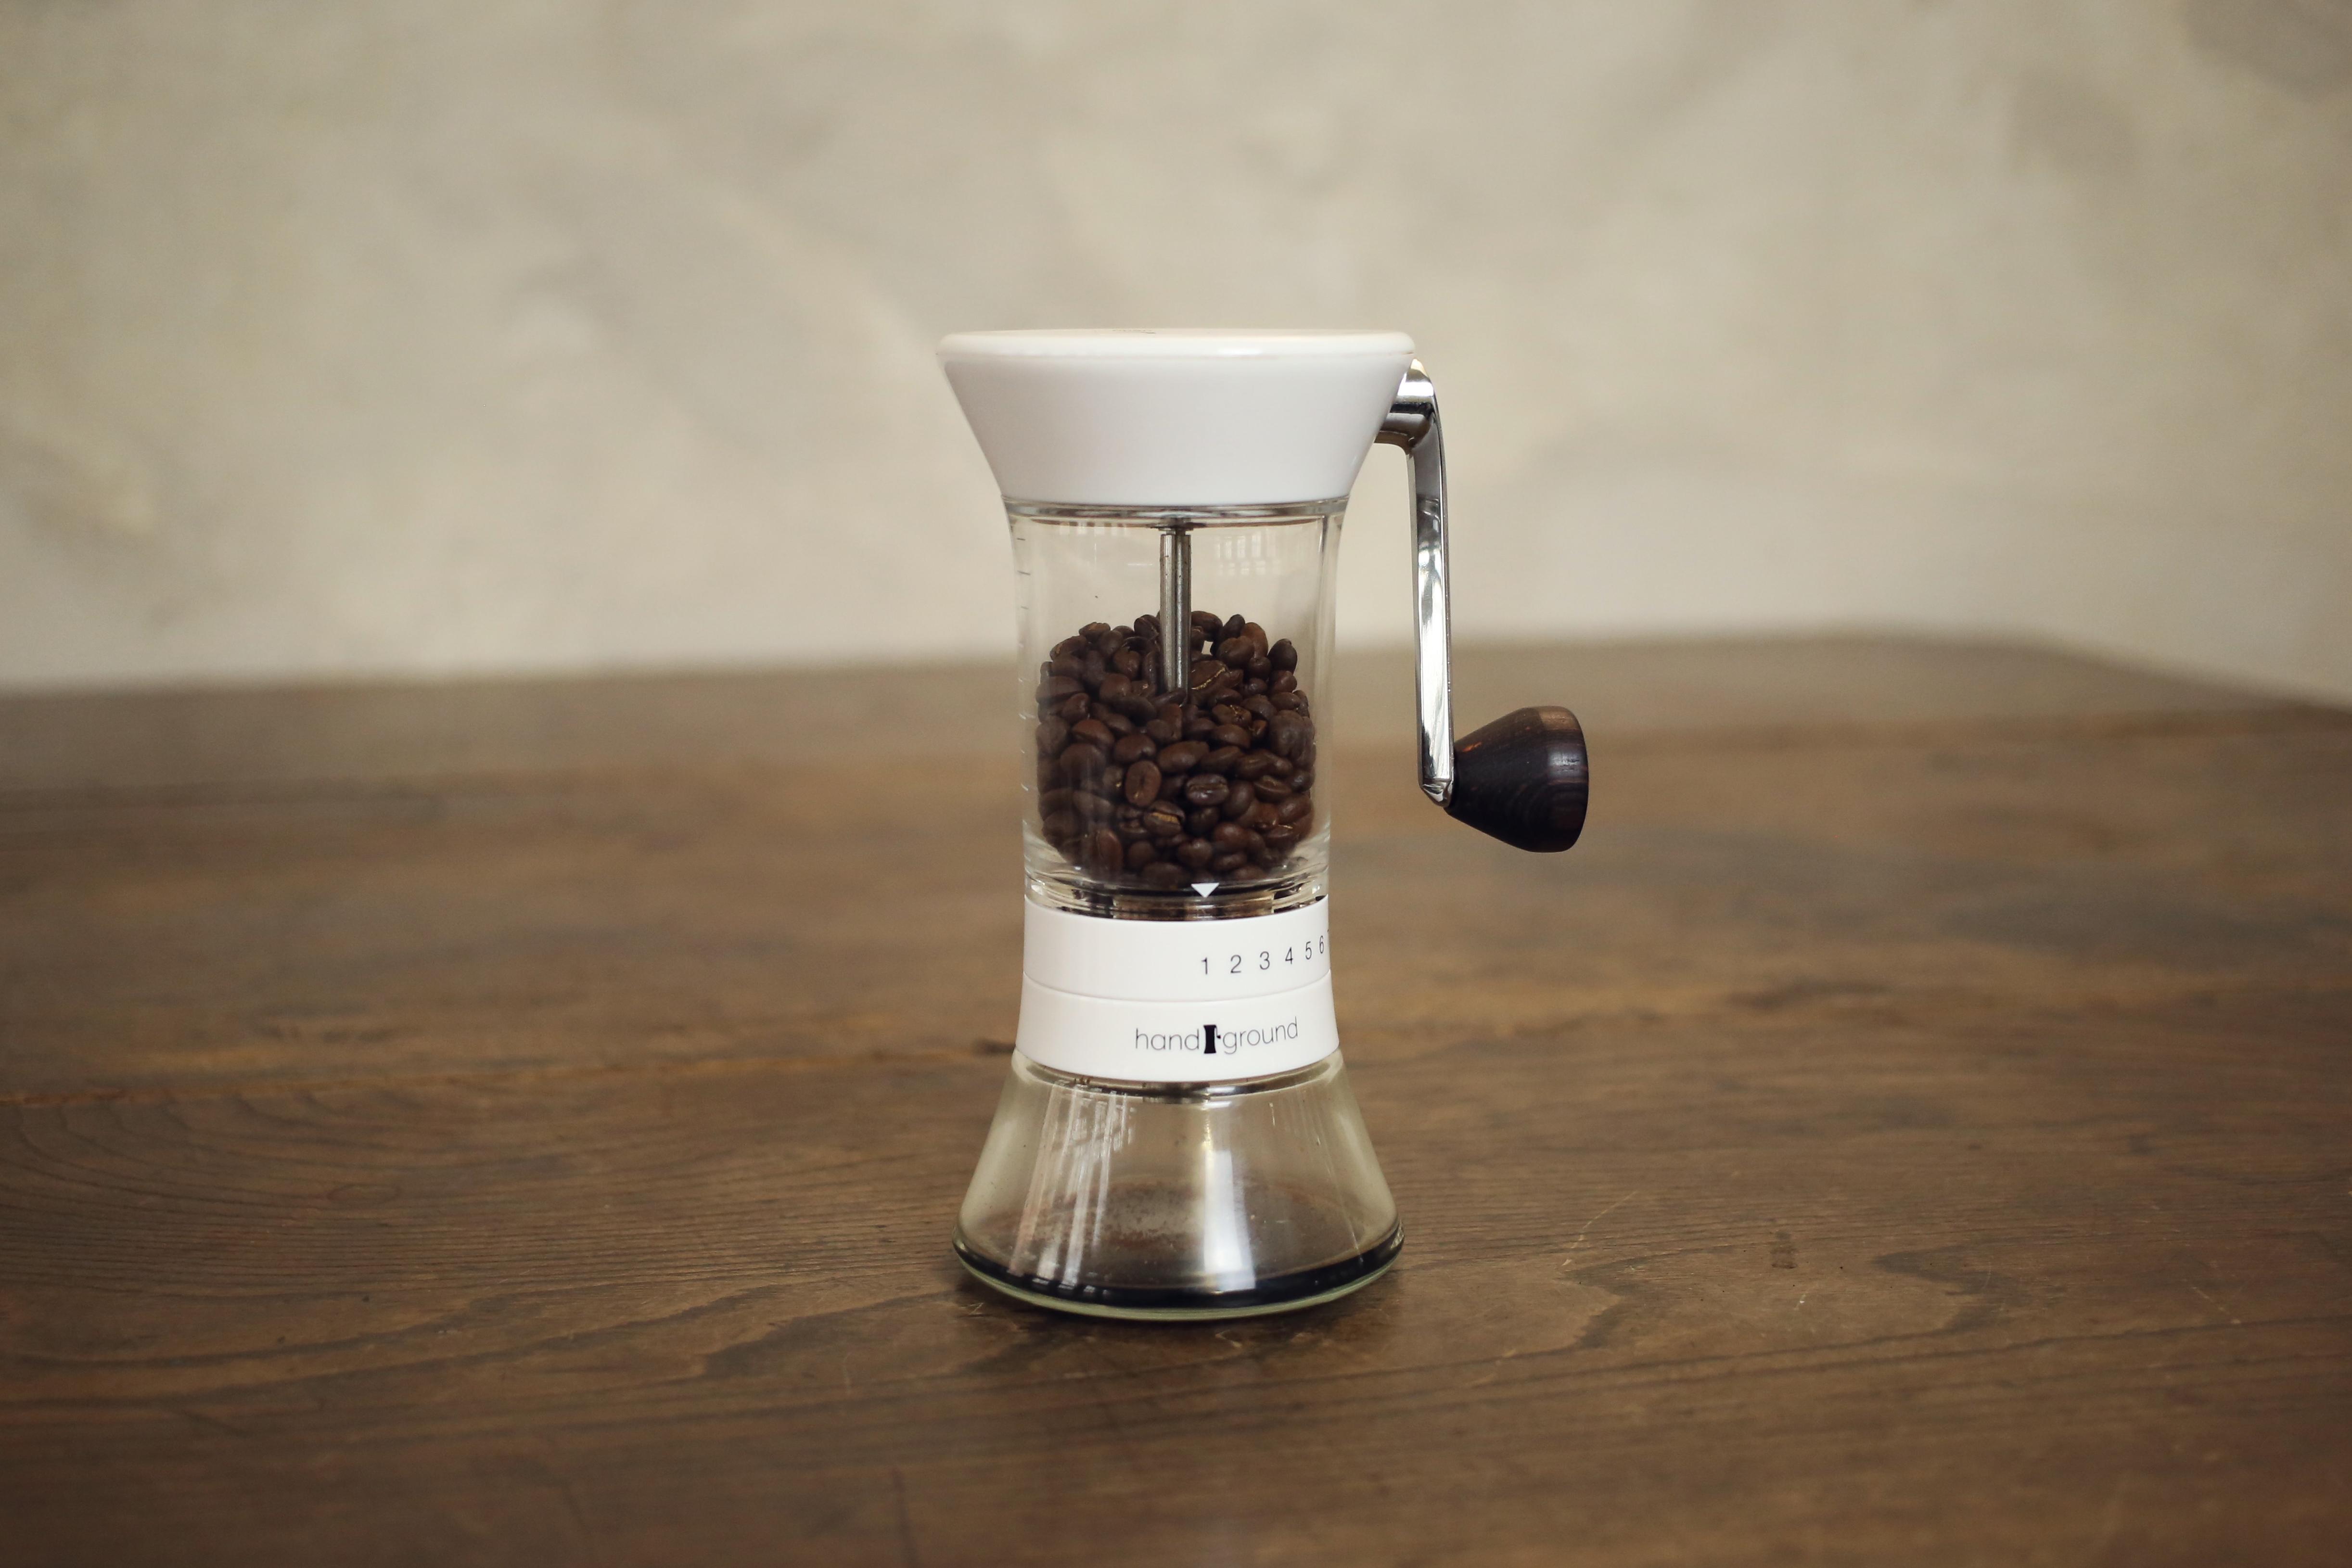 Die neue Handground Kaffeemühle im Test